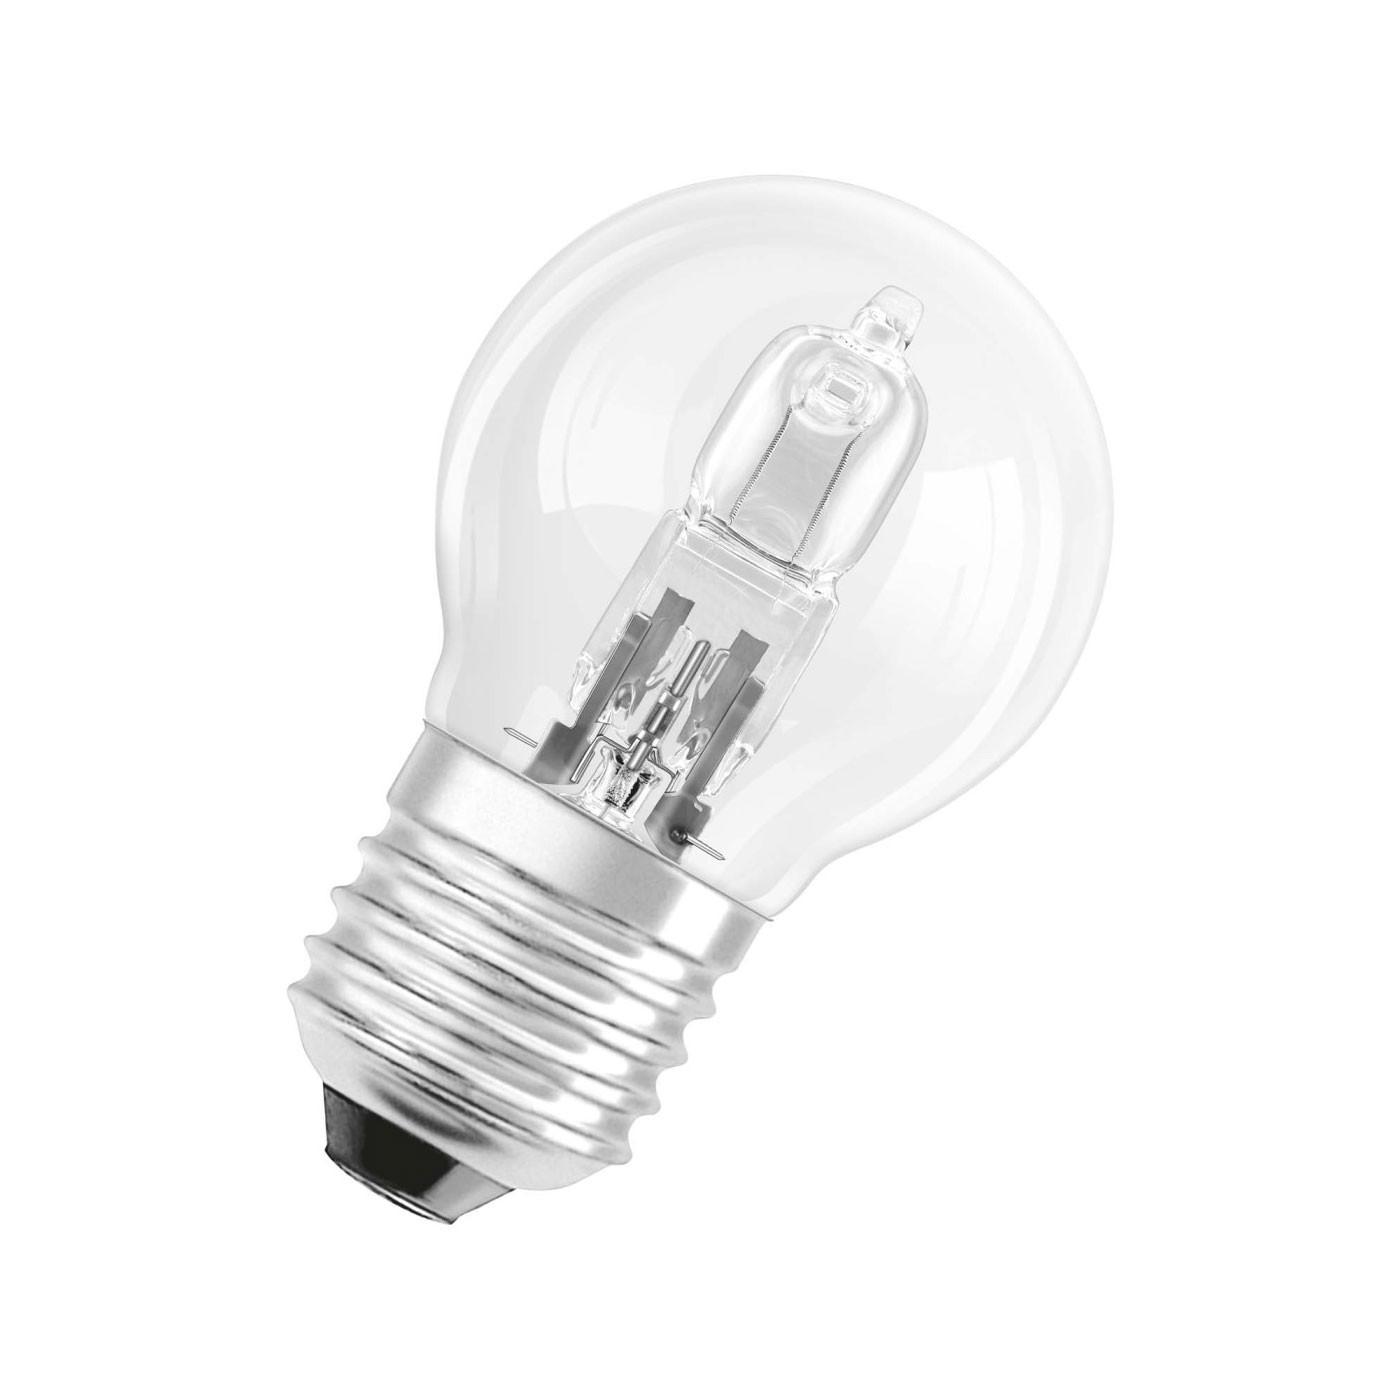 Osram Halogen-Tropfenlampe P45 20W 230V E27 klar (entspricht der herkömml. 25W Lampe)